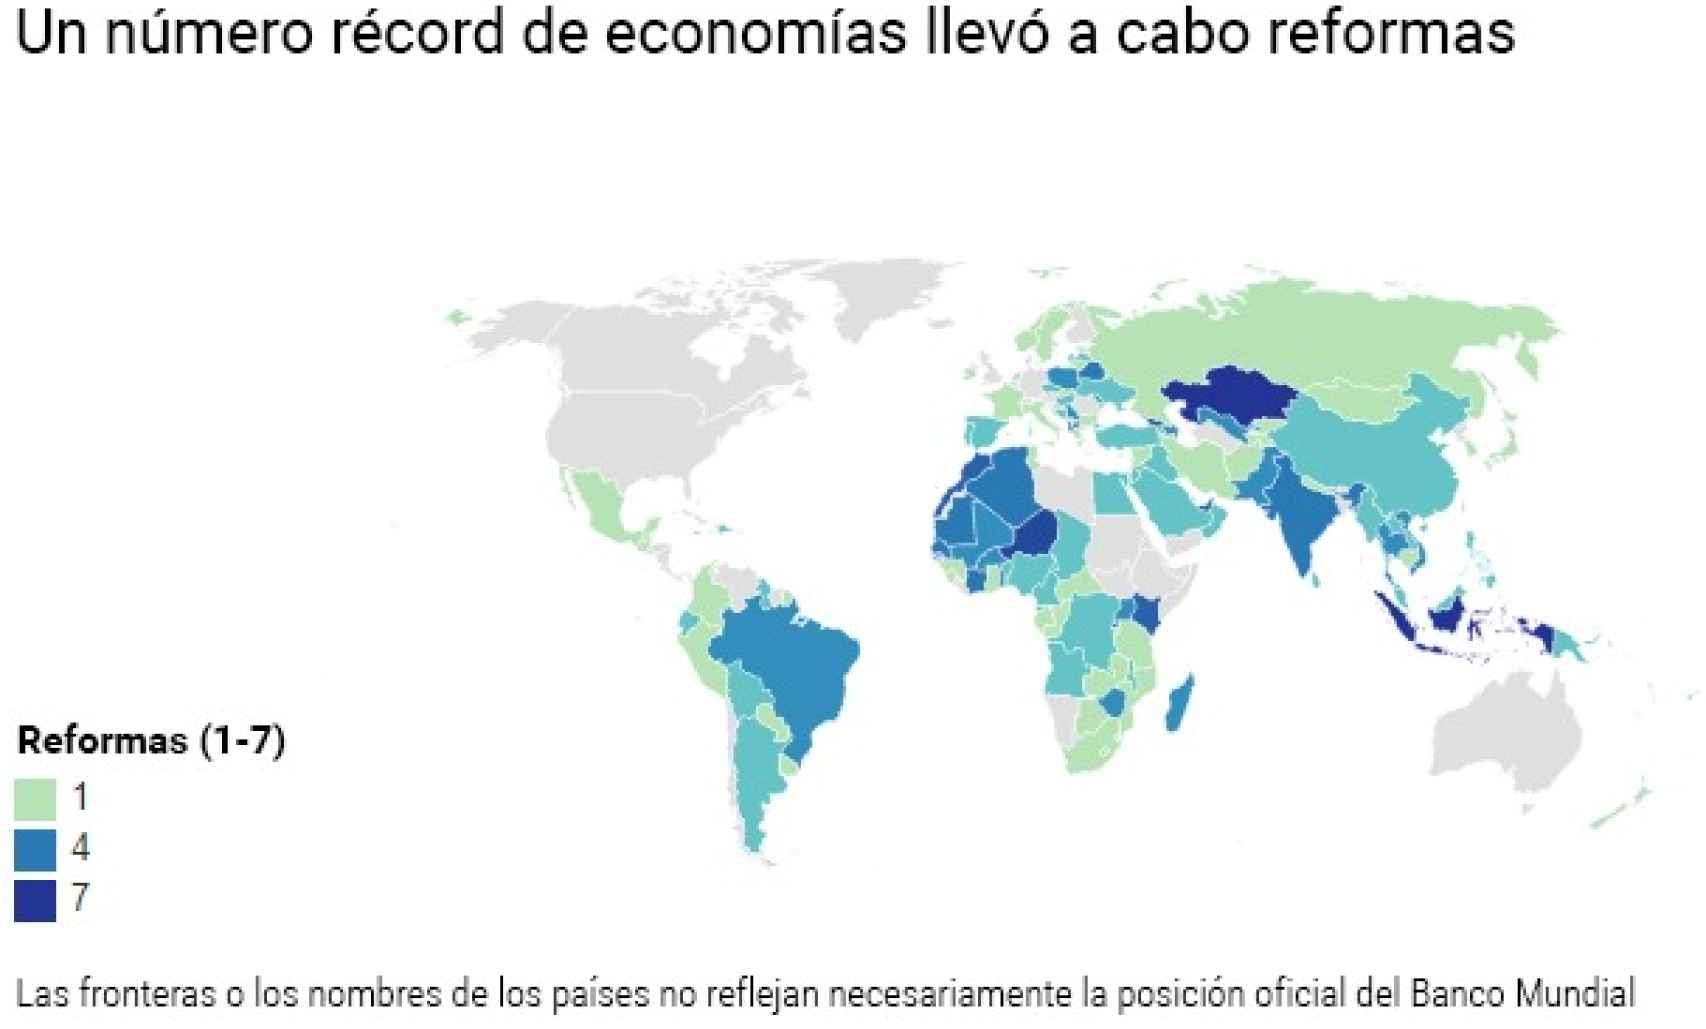 Los países están acometiendo cada vez más reformas económicas